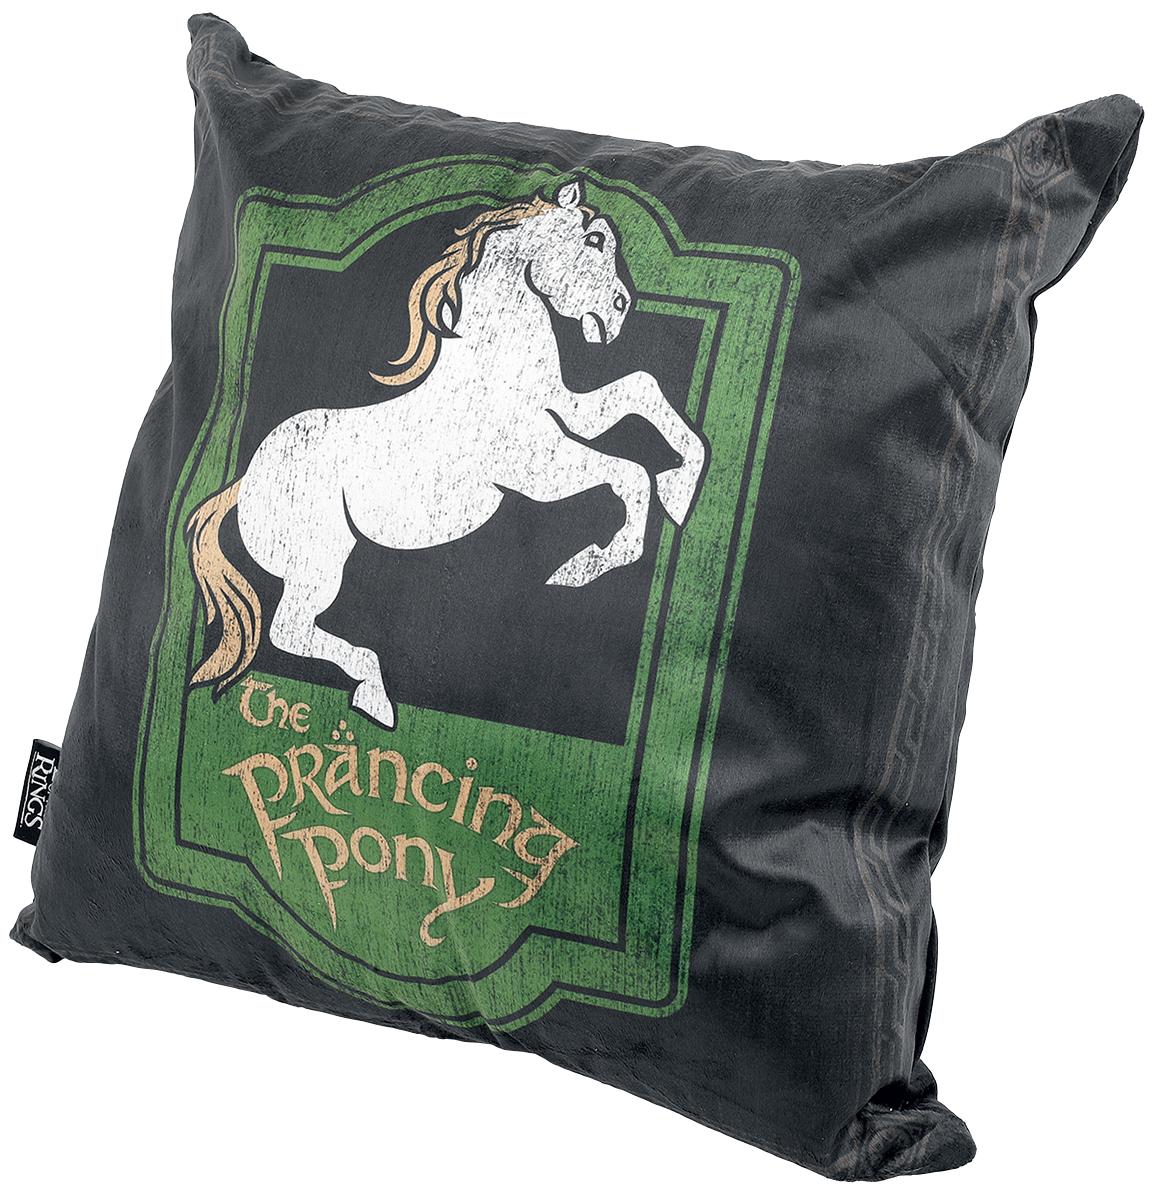 Der Herr der Ringe - Prancing Pony - Kissen - multicolor - EMP Exklusiv!